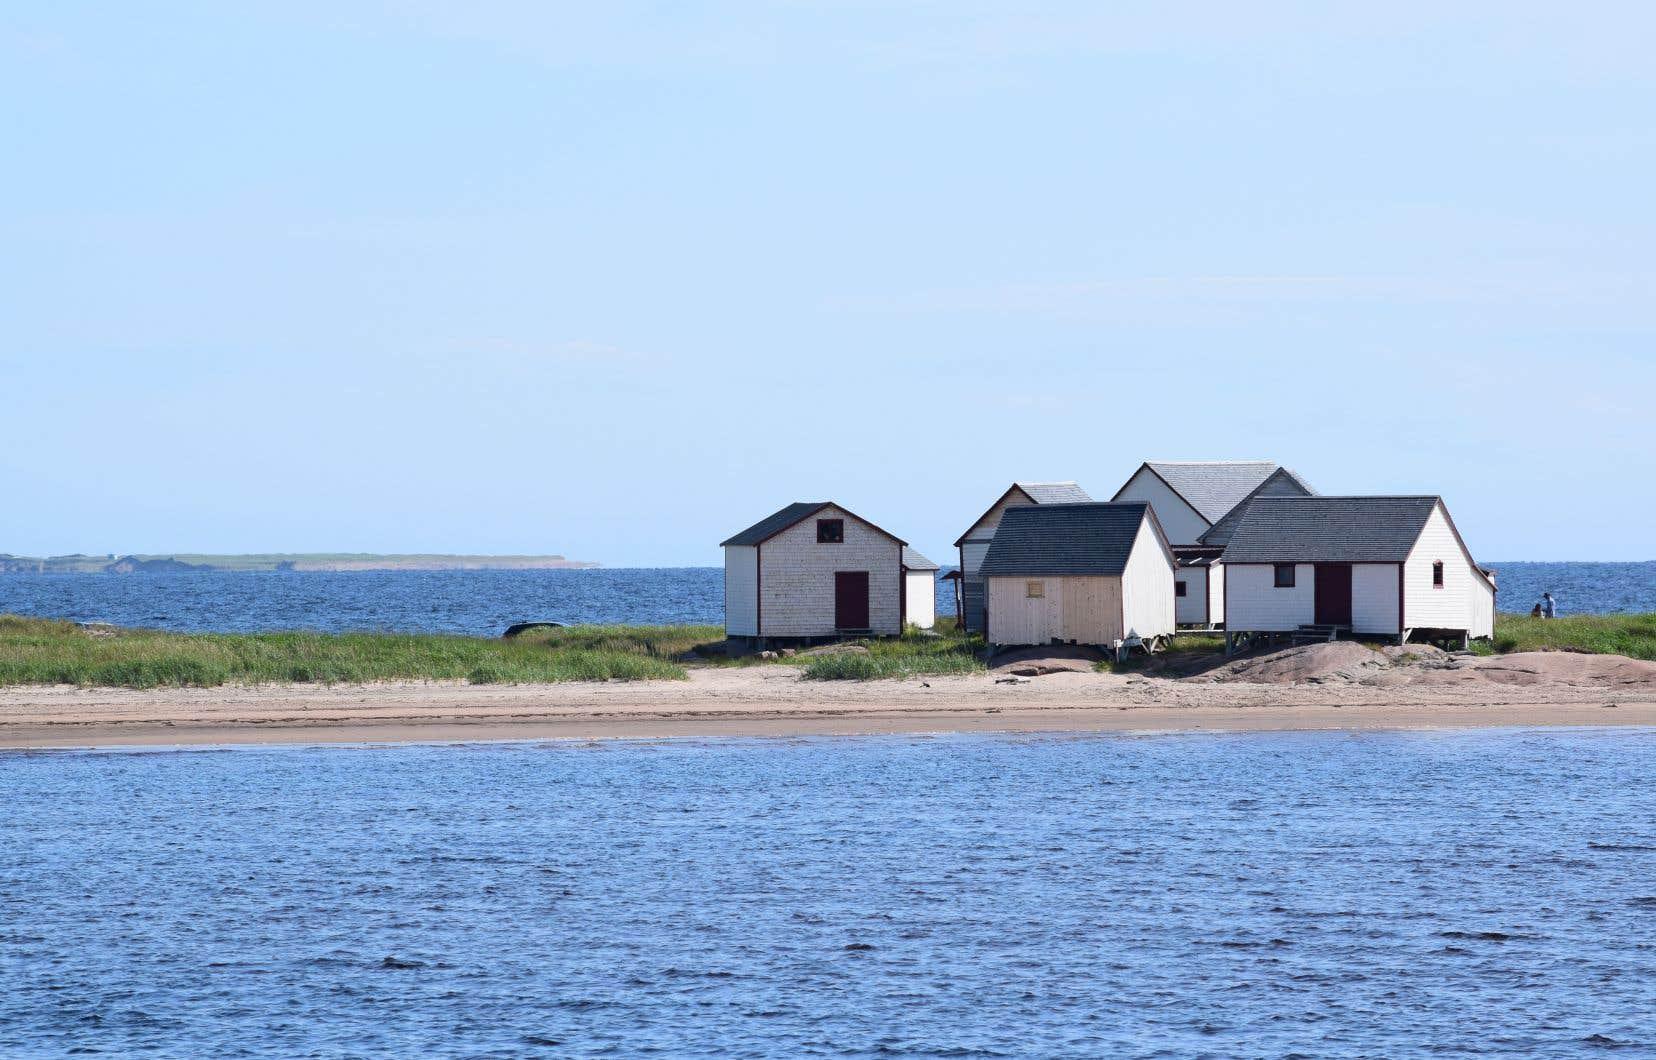 Québec et Ottawa sont à pied d'oeuvre afin d'ajouter potentiellement plus de 5000km² de zones protégées dans l'estuaire du Saint-Laurent dès cette année, notamment pour protéger l'habitat de cétacés menacés.